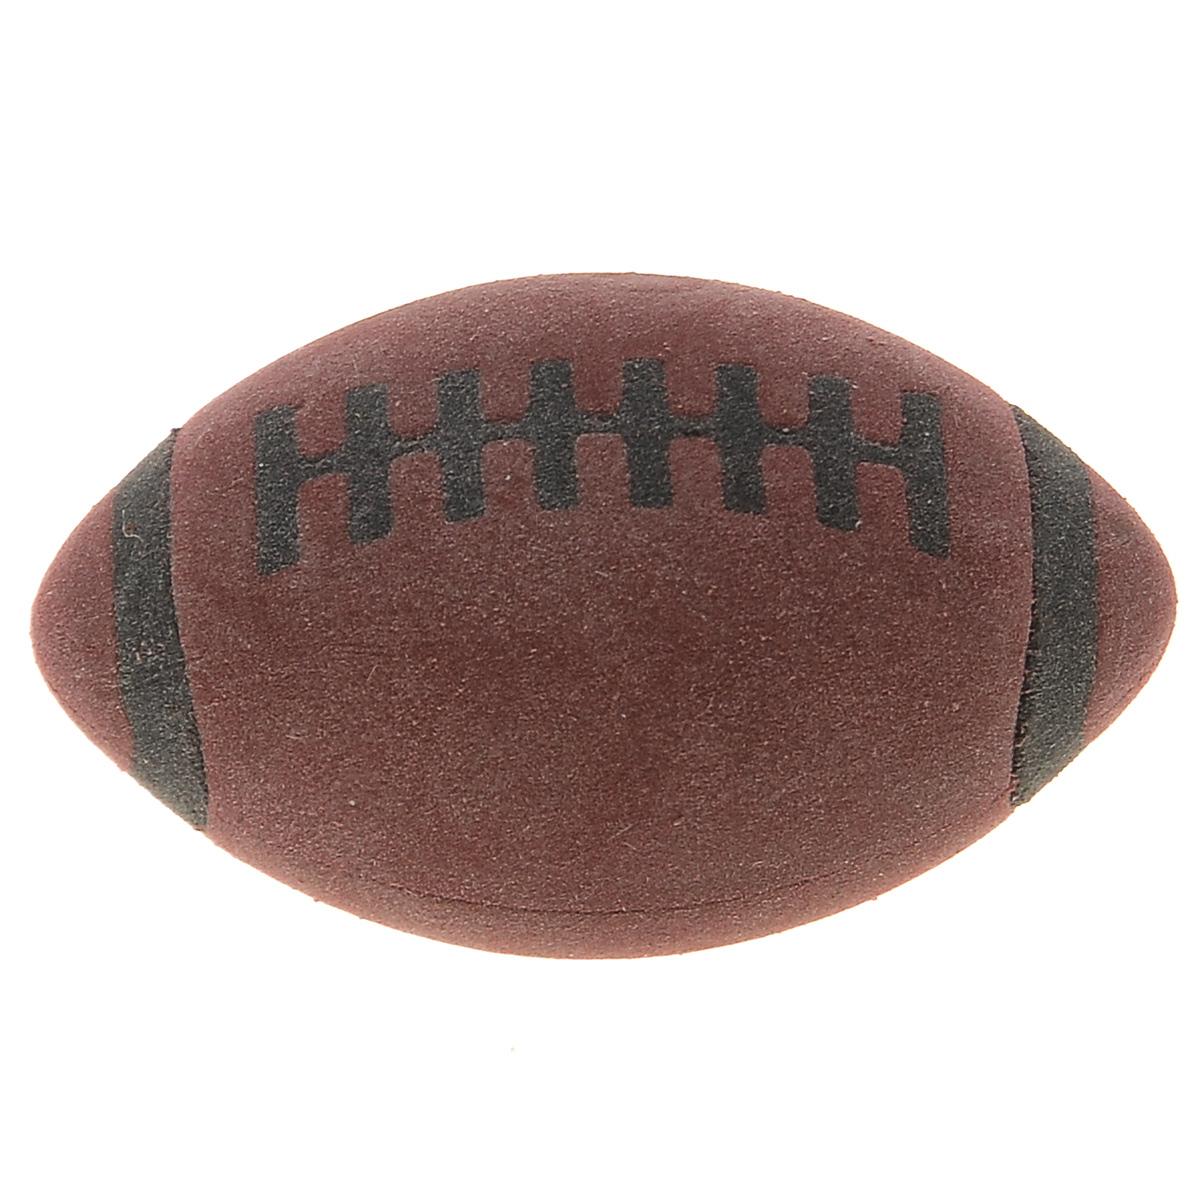 Brunnen Ластик Мяч для регби, цвет: коричневыйFS-36054Ластик Мяч для регби станет незаменимым аксессуаром на рабочем столе не только школьника или студента, но и офисного работника. Он легко и без следа удаляет надписи, сделанные карандашом. Ластик имеет форму и окраску в стиле мяча для регби, поэтому его очень удобно держать в руке.